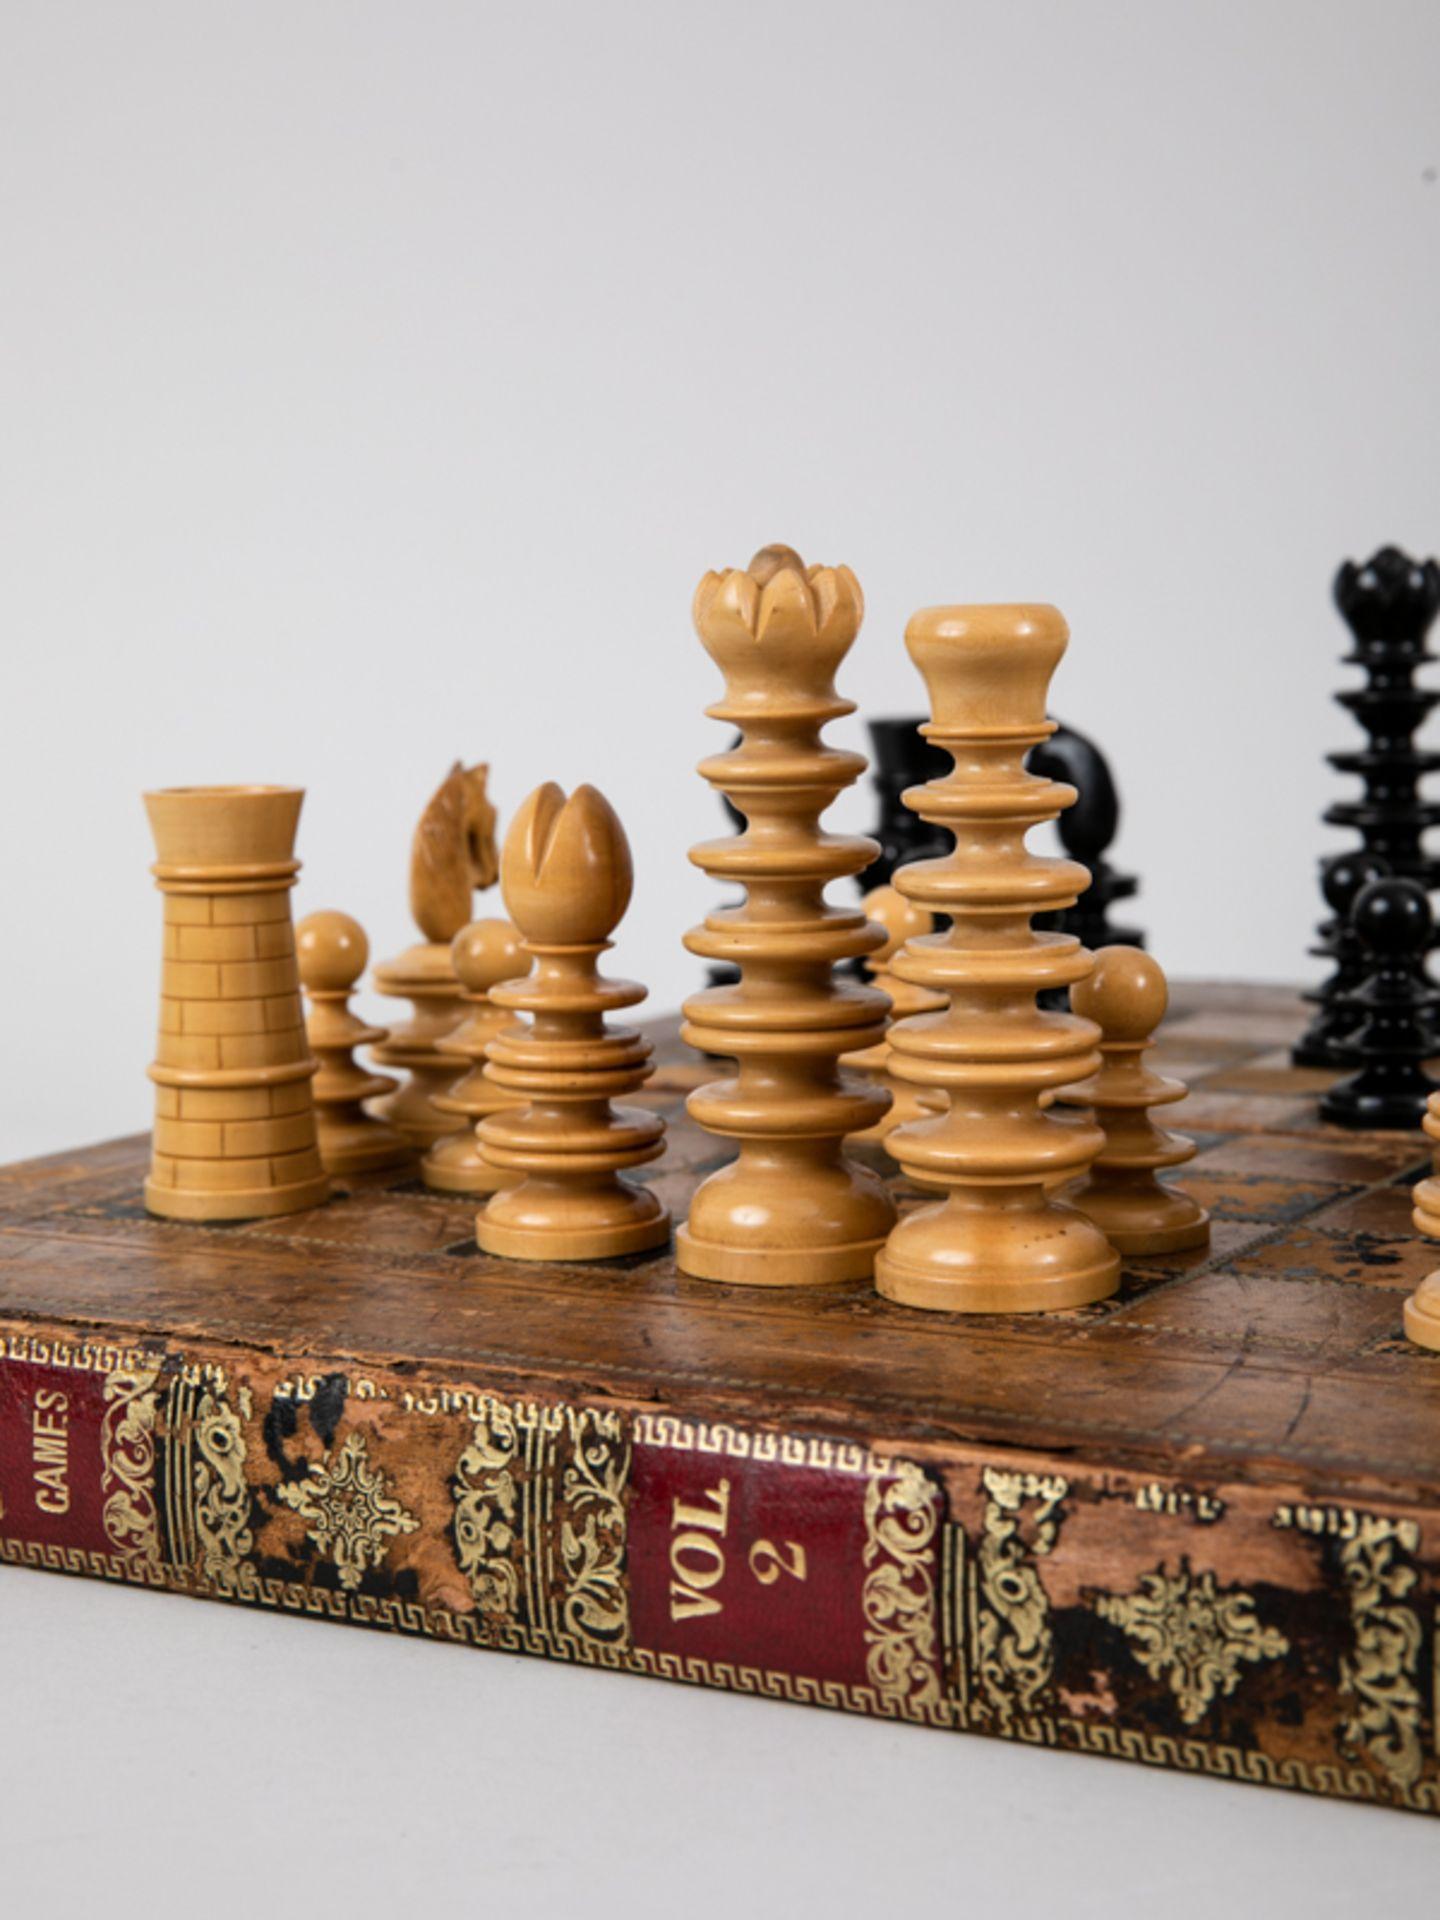 Schachspiel, wohl England, 19./Anf. 20. Jh. Lederbezogene hölzerne Spielbrett-Kassette mit 32 - Bild 2 aus 5